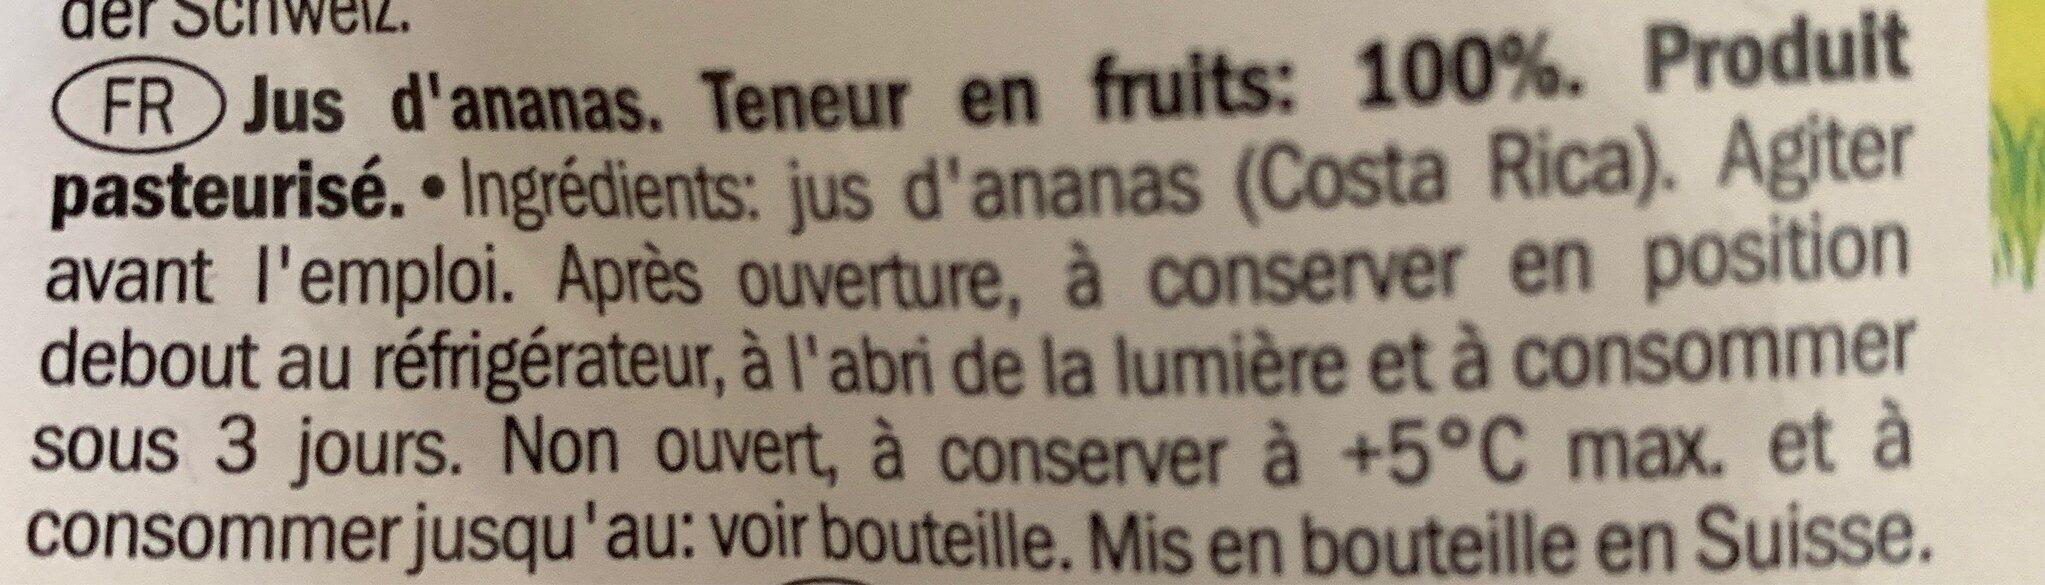 Jus d'ananas - Ingrédients - fr